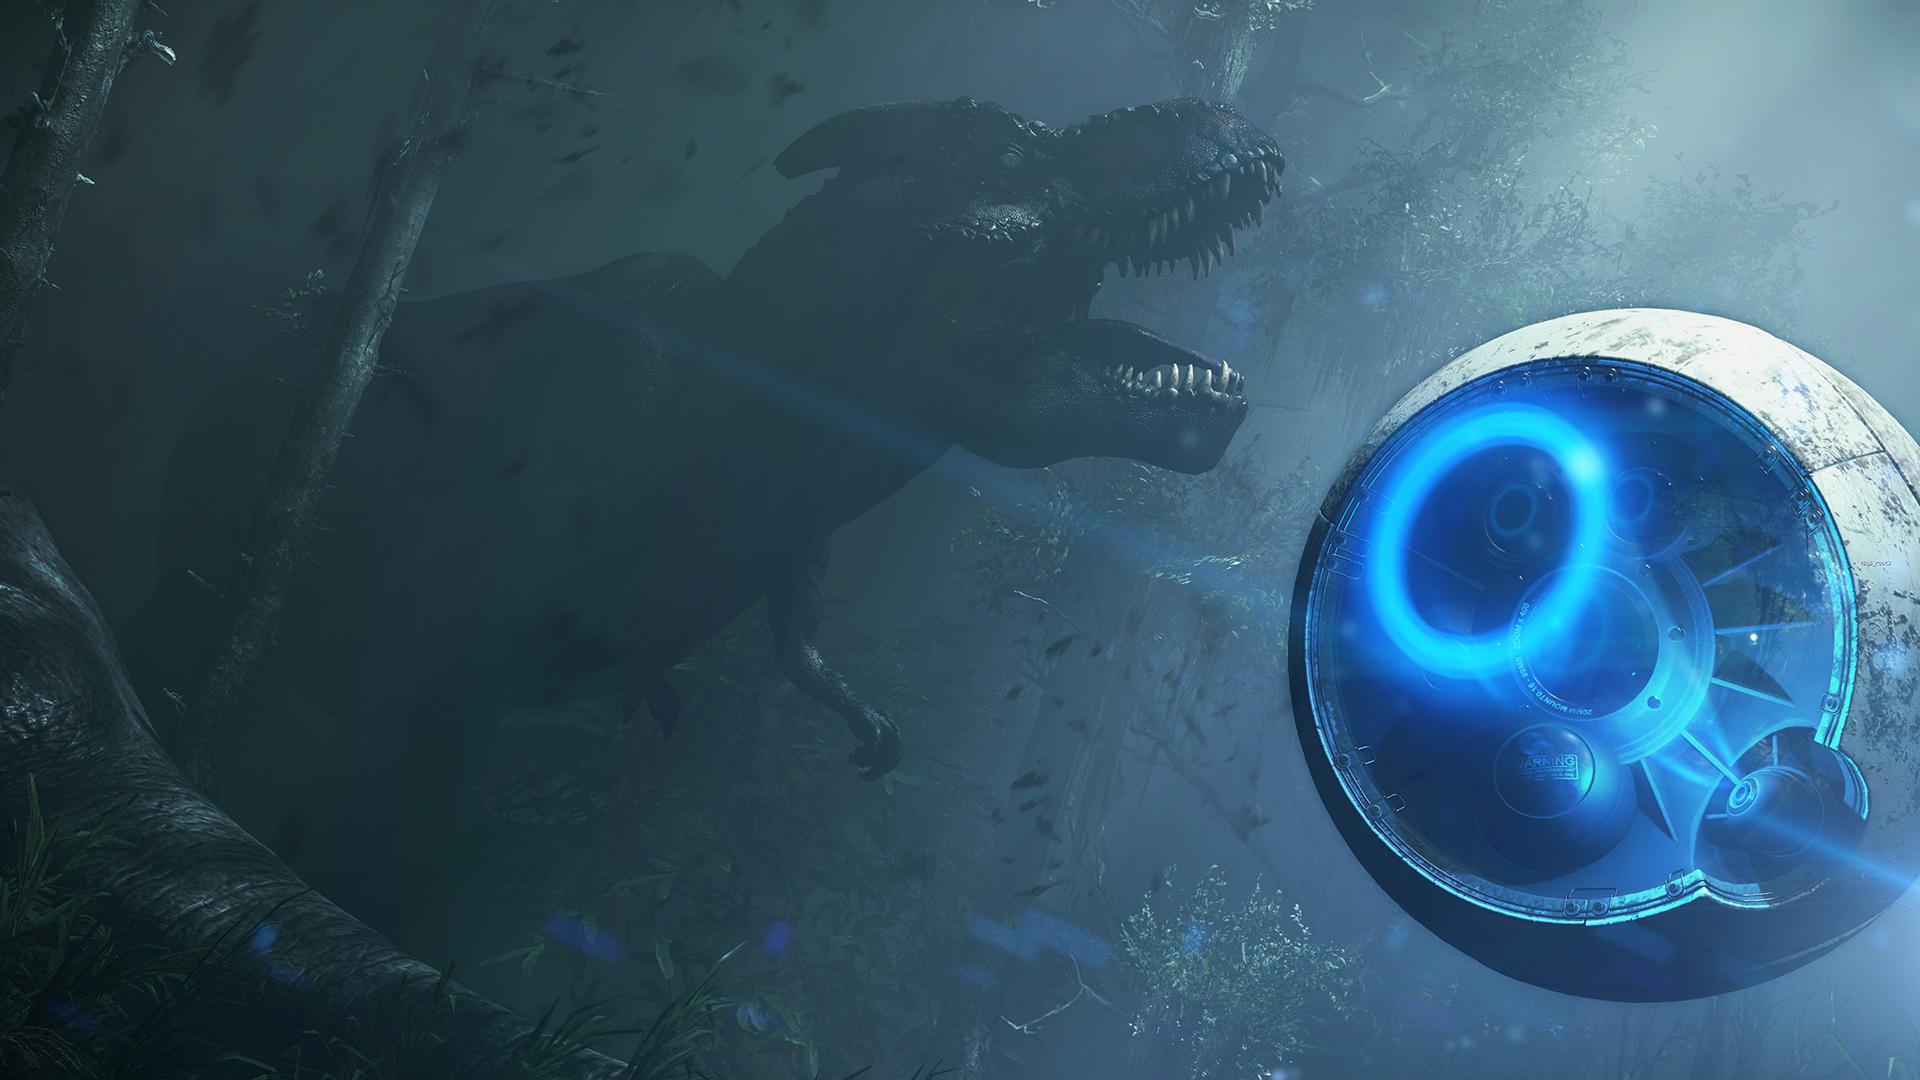 Dinosauří Robinson: The Journey od Cryteku je hra pro PS VR 115505